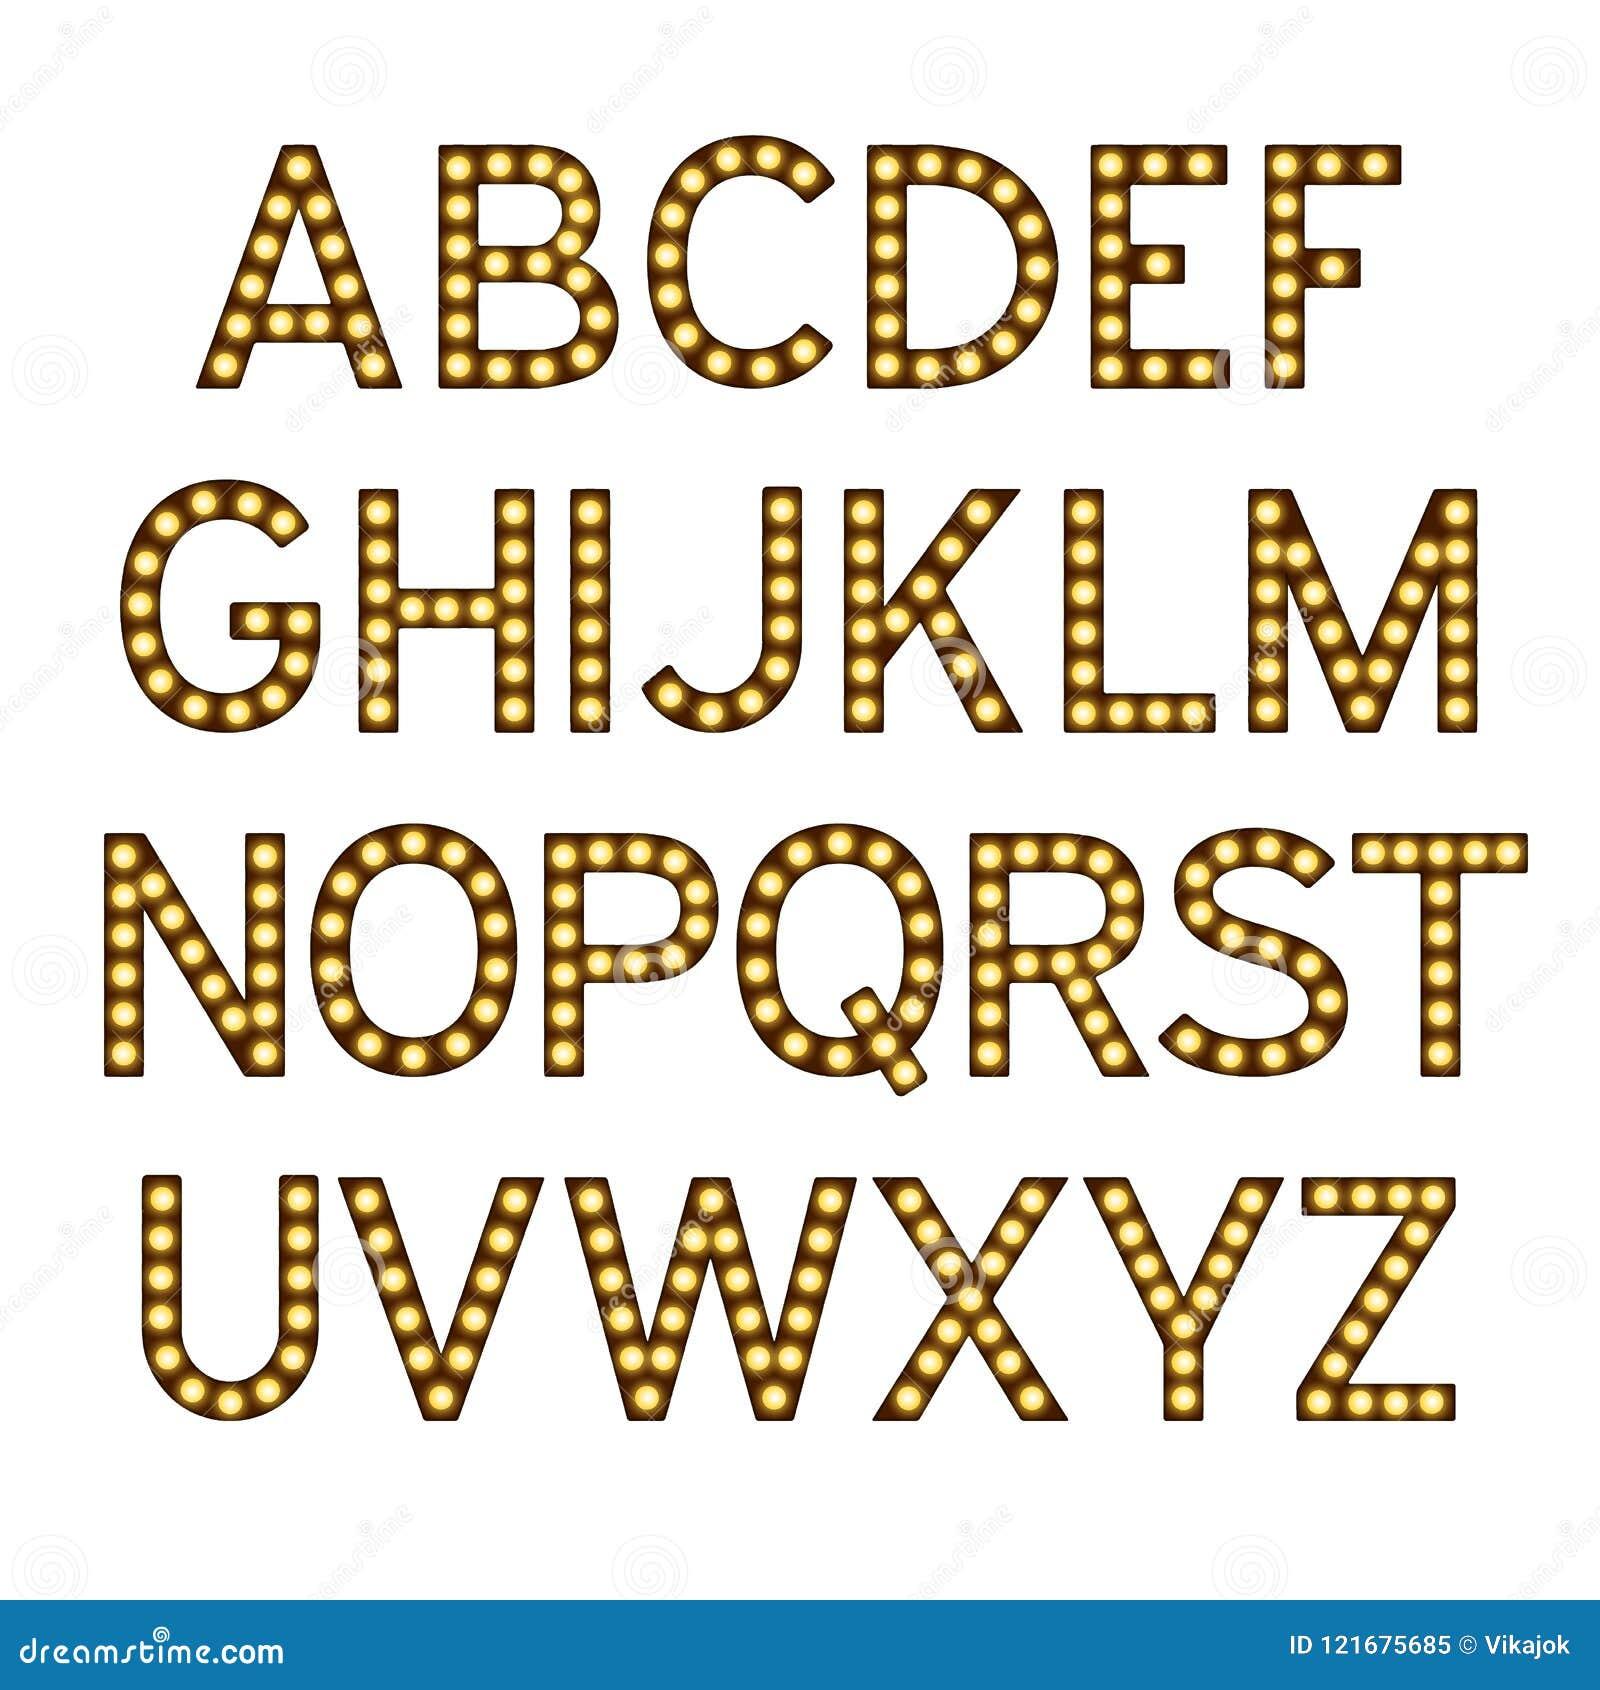 El alfabeto con las bombillas, letras con las lámparas, fuente de la lámpara, brillando intensamente pone letras a la imitación,